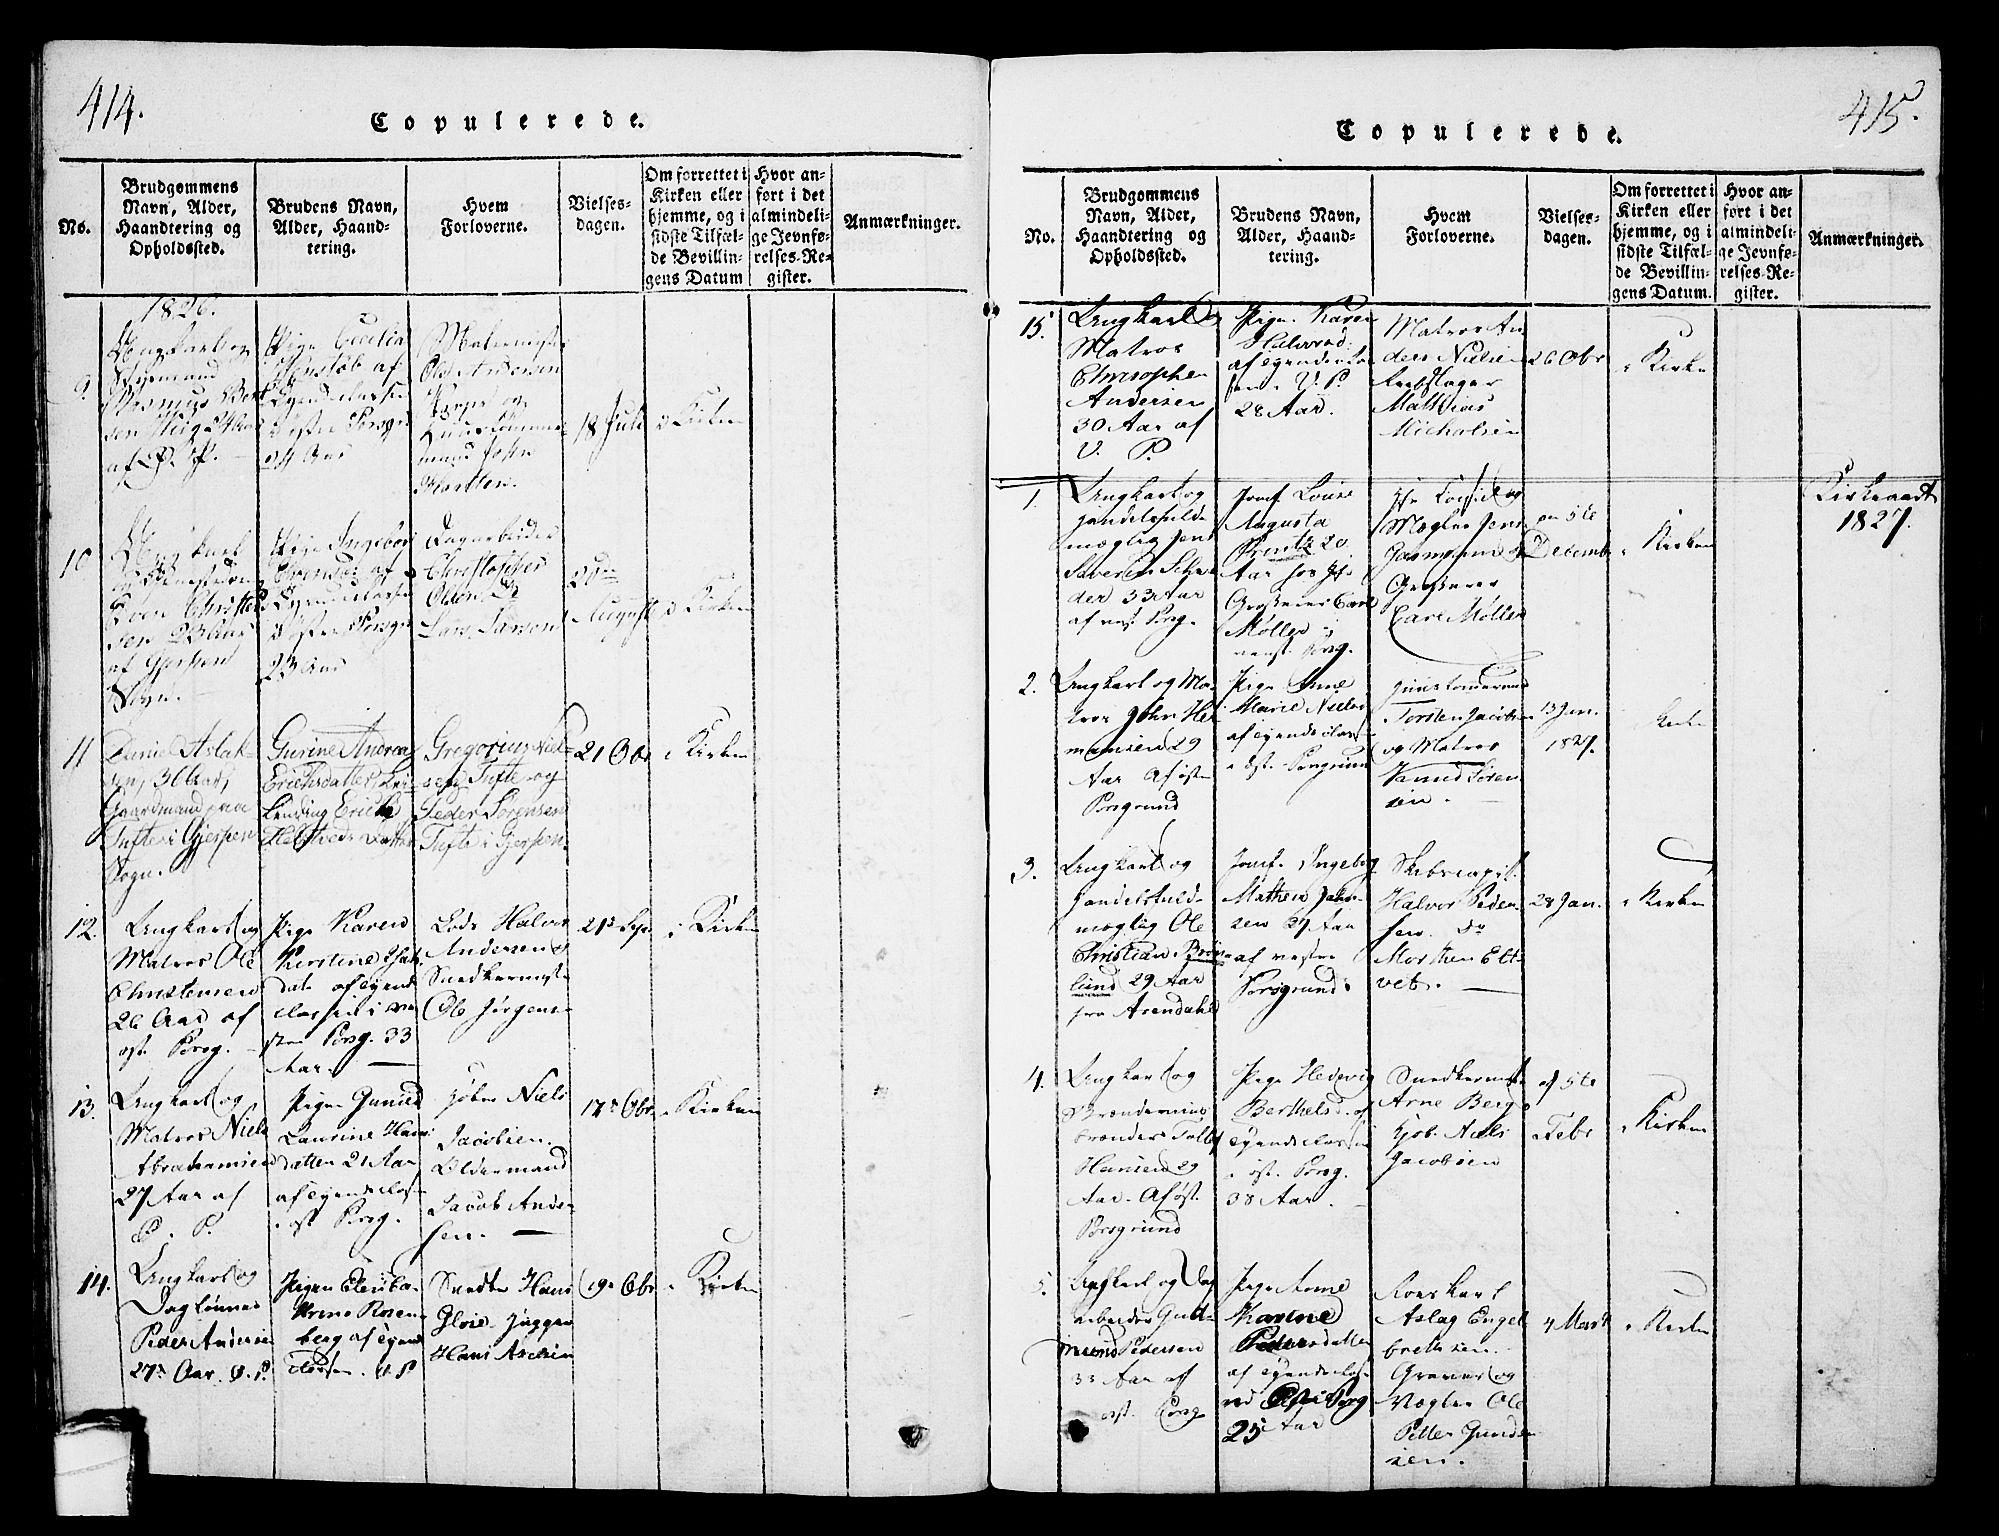 SAKO, Porsgrunn kirkebøker , G/Gb/L0001: Klokkerbok nr. II 1, 1817-1828, s. 414-415